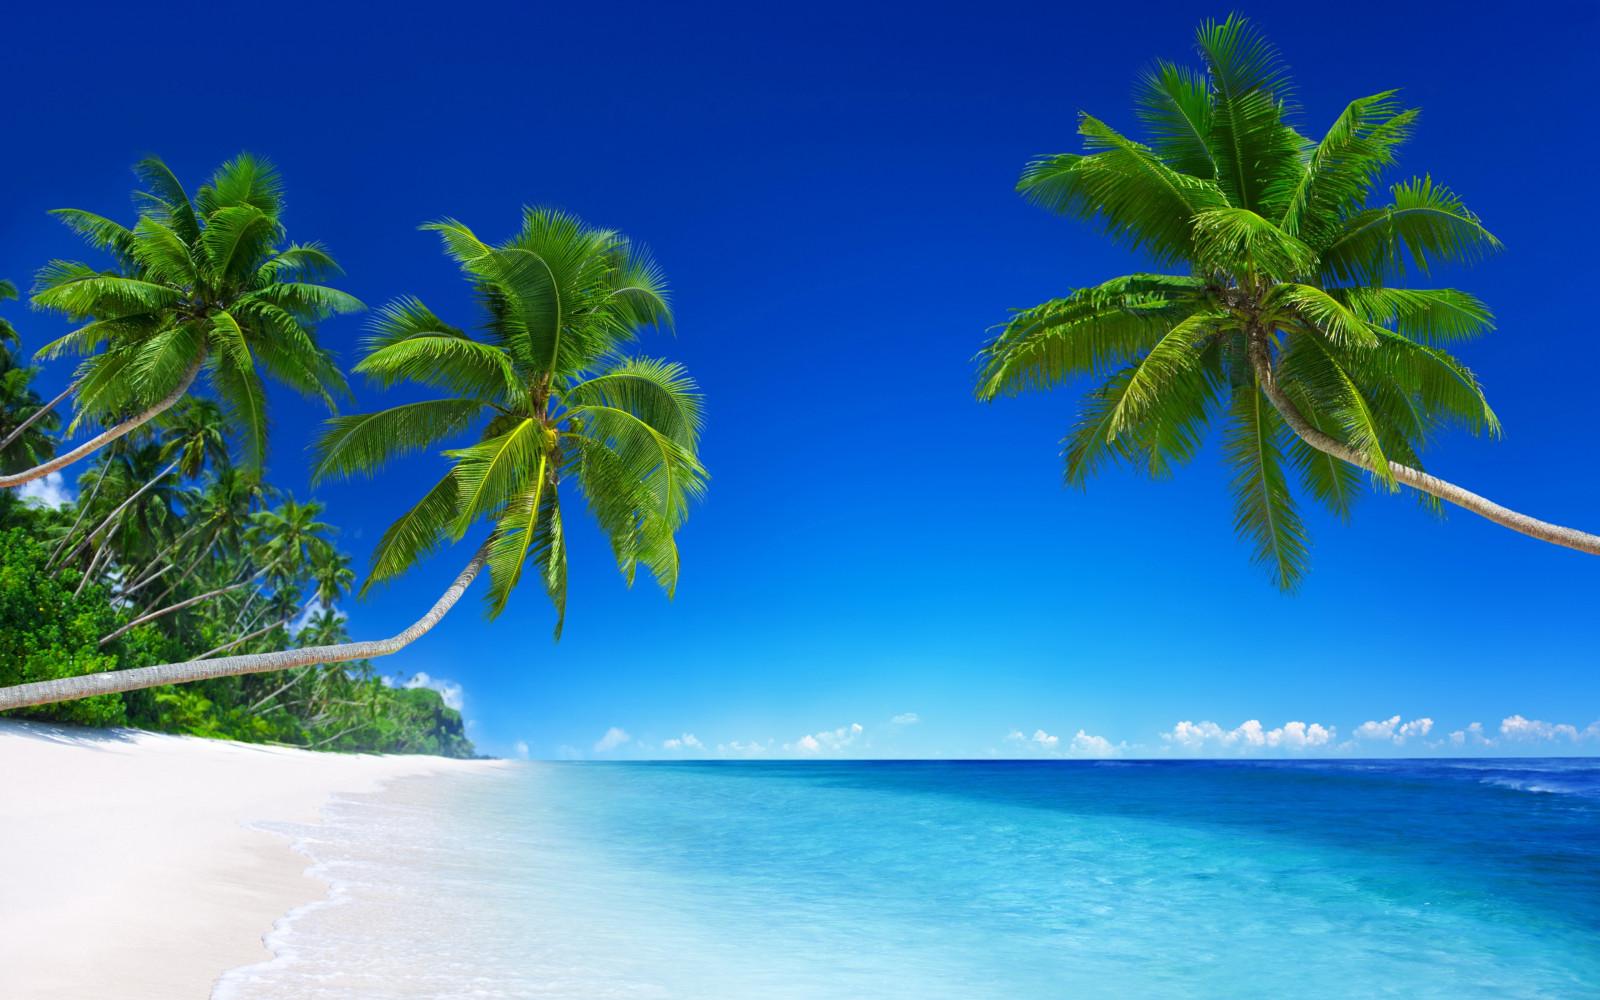 Fond d'écran : lumière du soleil, mer, ciel, côte, île, lagune, Caraïbes, Fond d'ecran, arbre ...